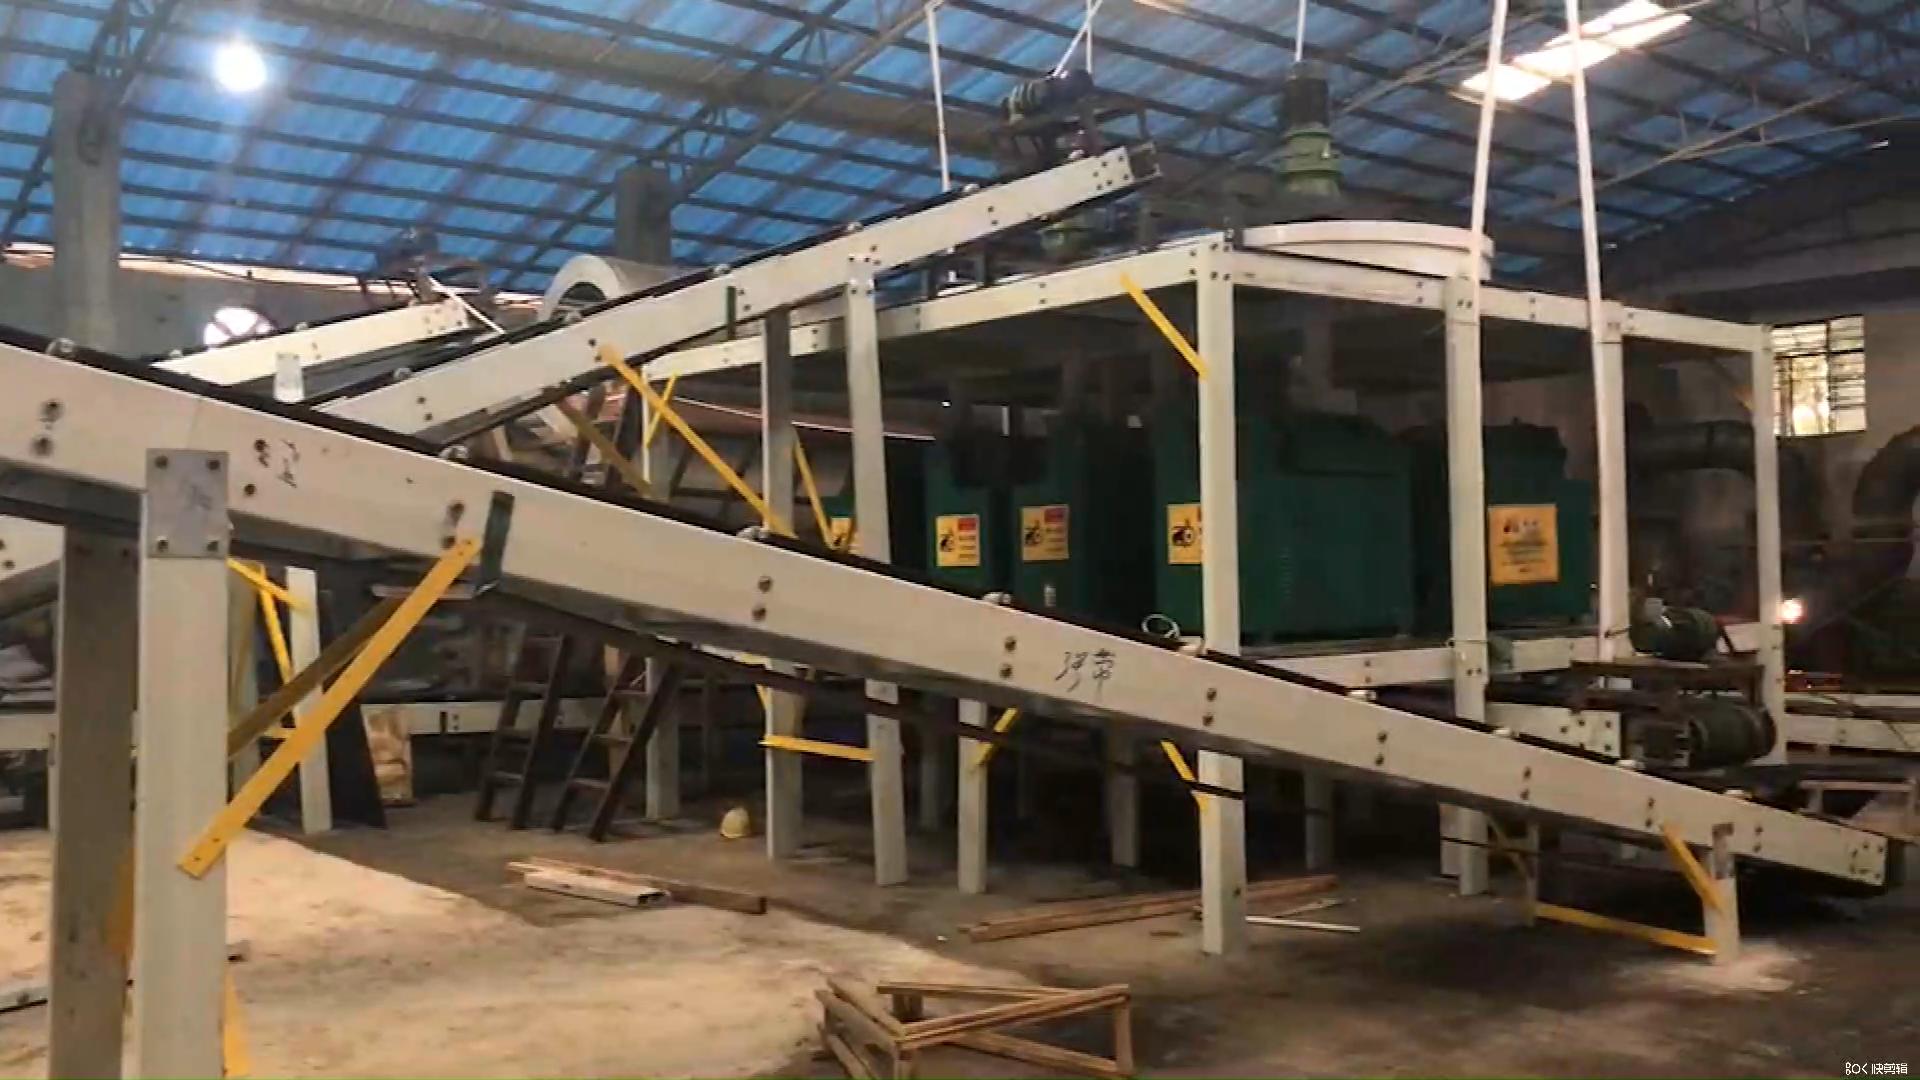 Madencilik beton karıştırıcı konveyör bant hız sensörü